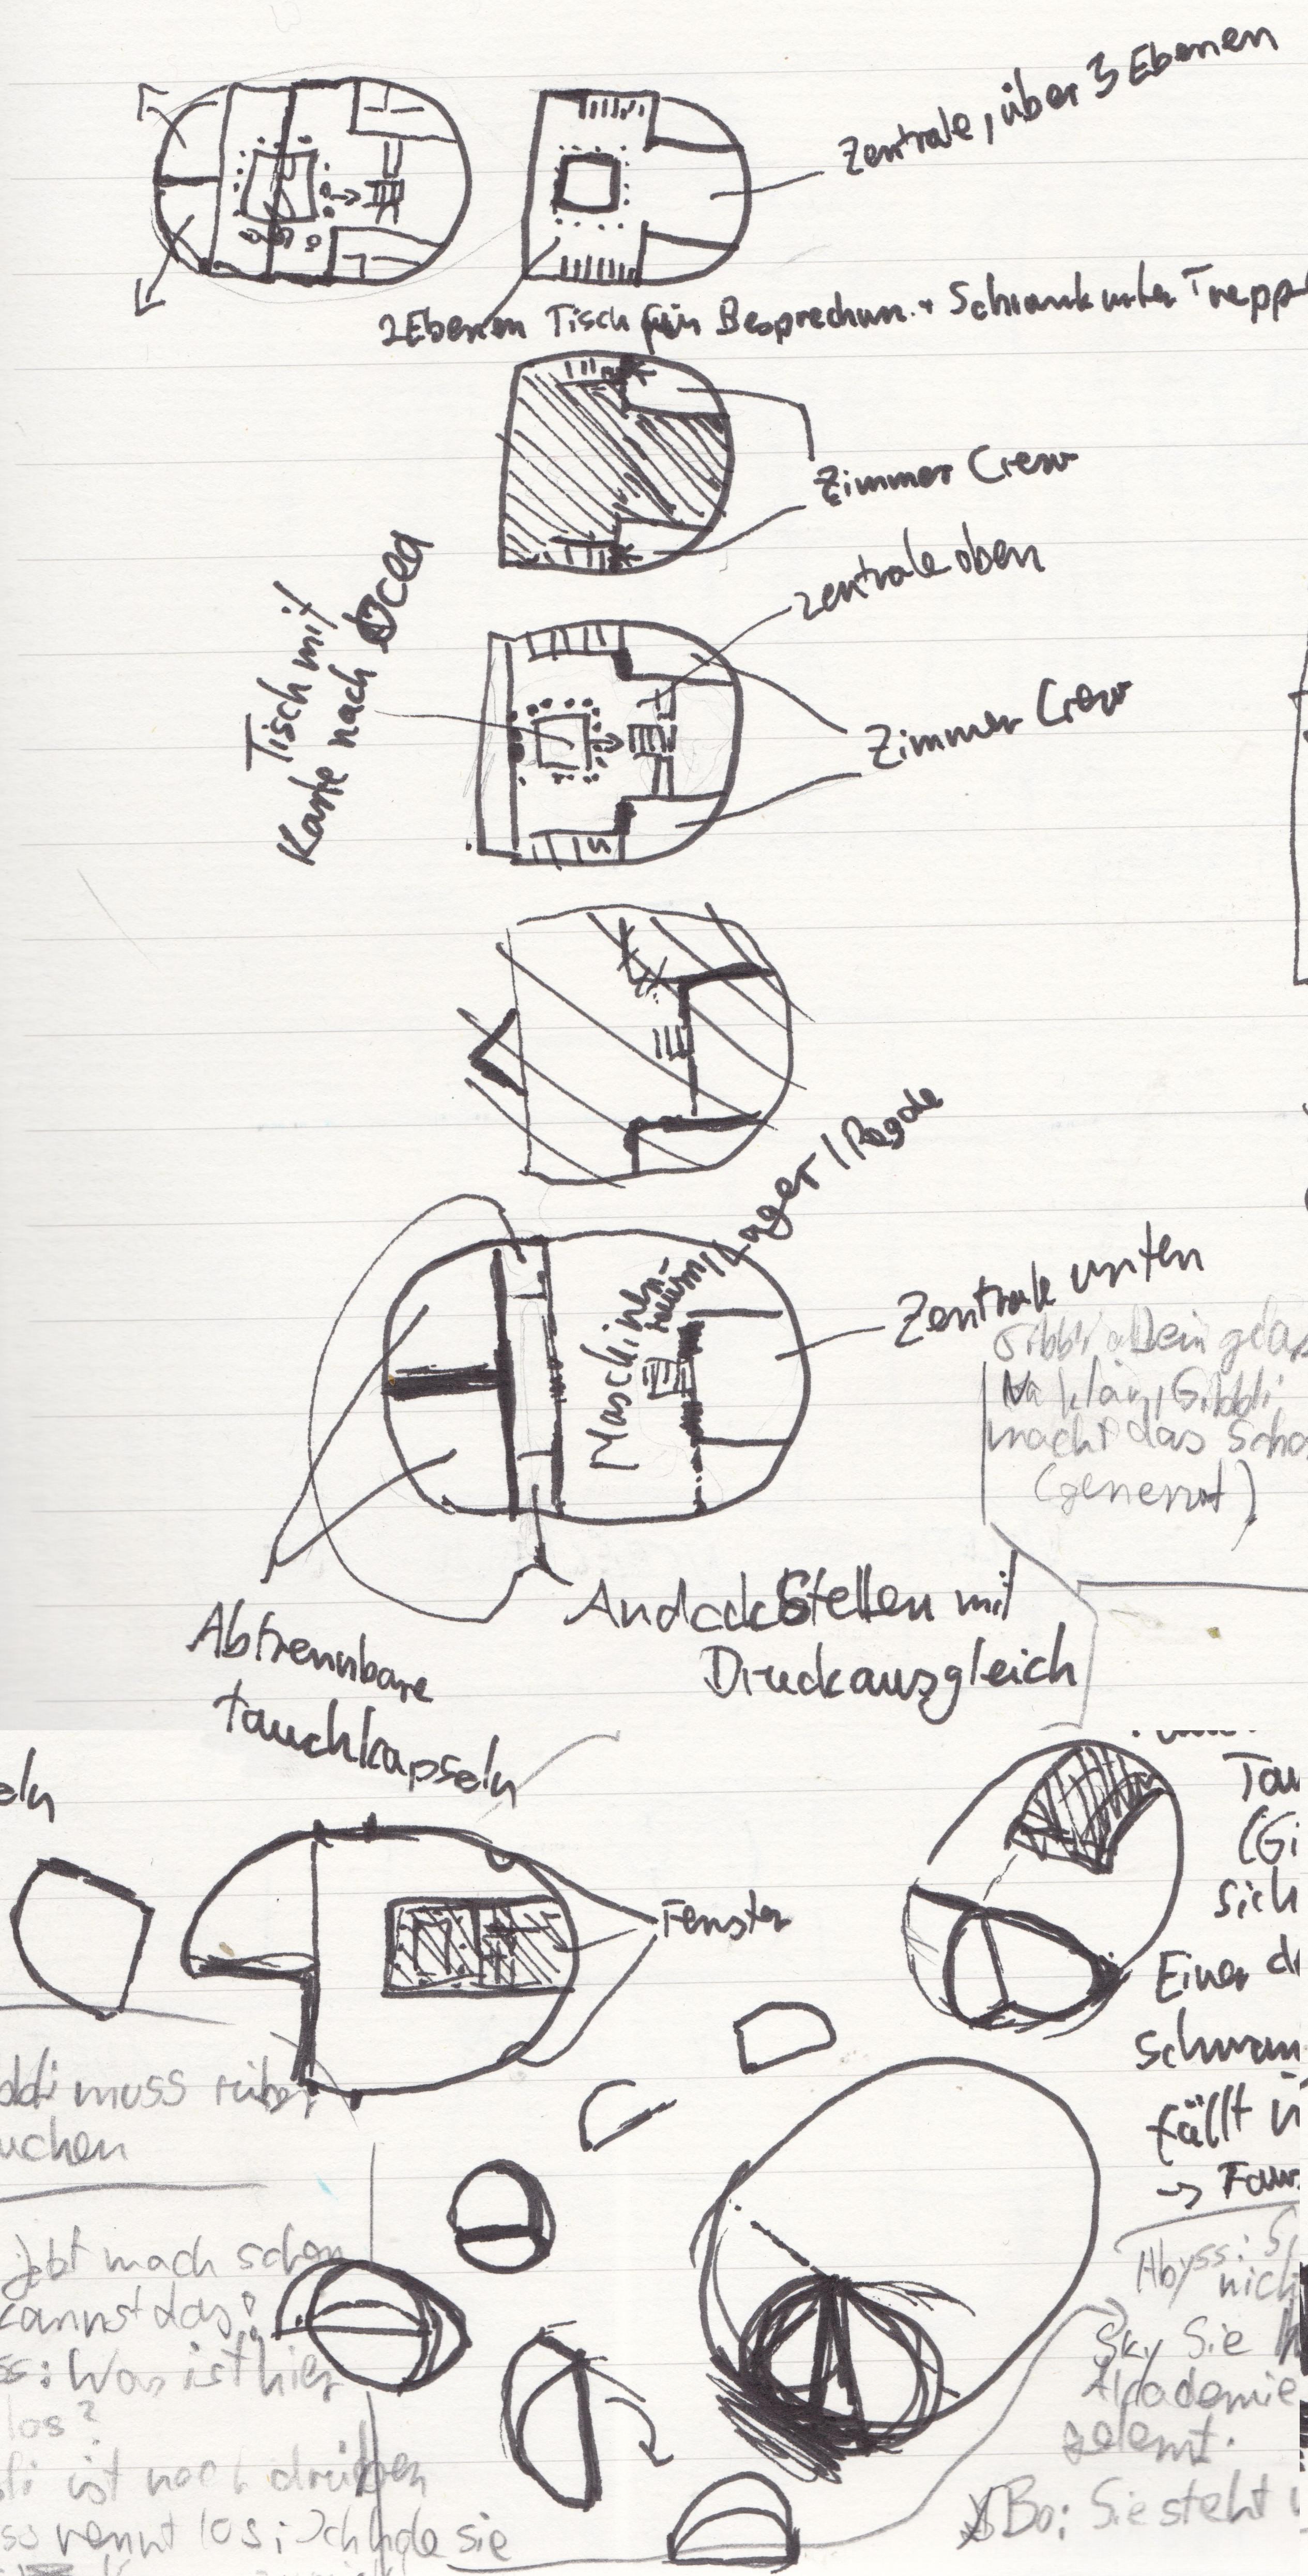 Sockenzombie - Bis in die tiefsten Ozeane - Do Wiki - erste Skizzen vom U-Boot Mara